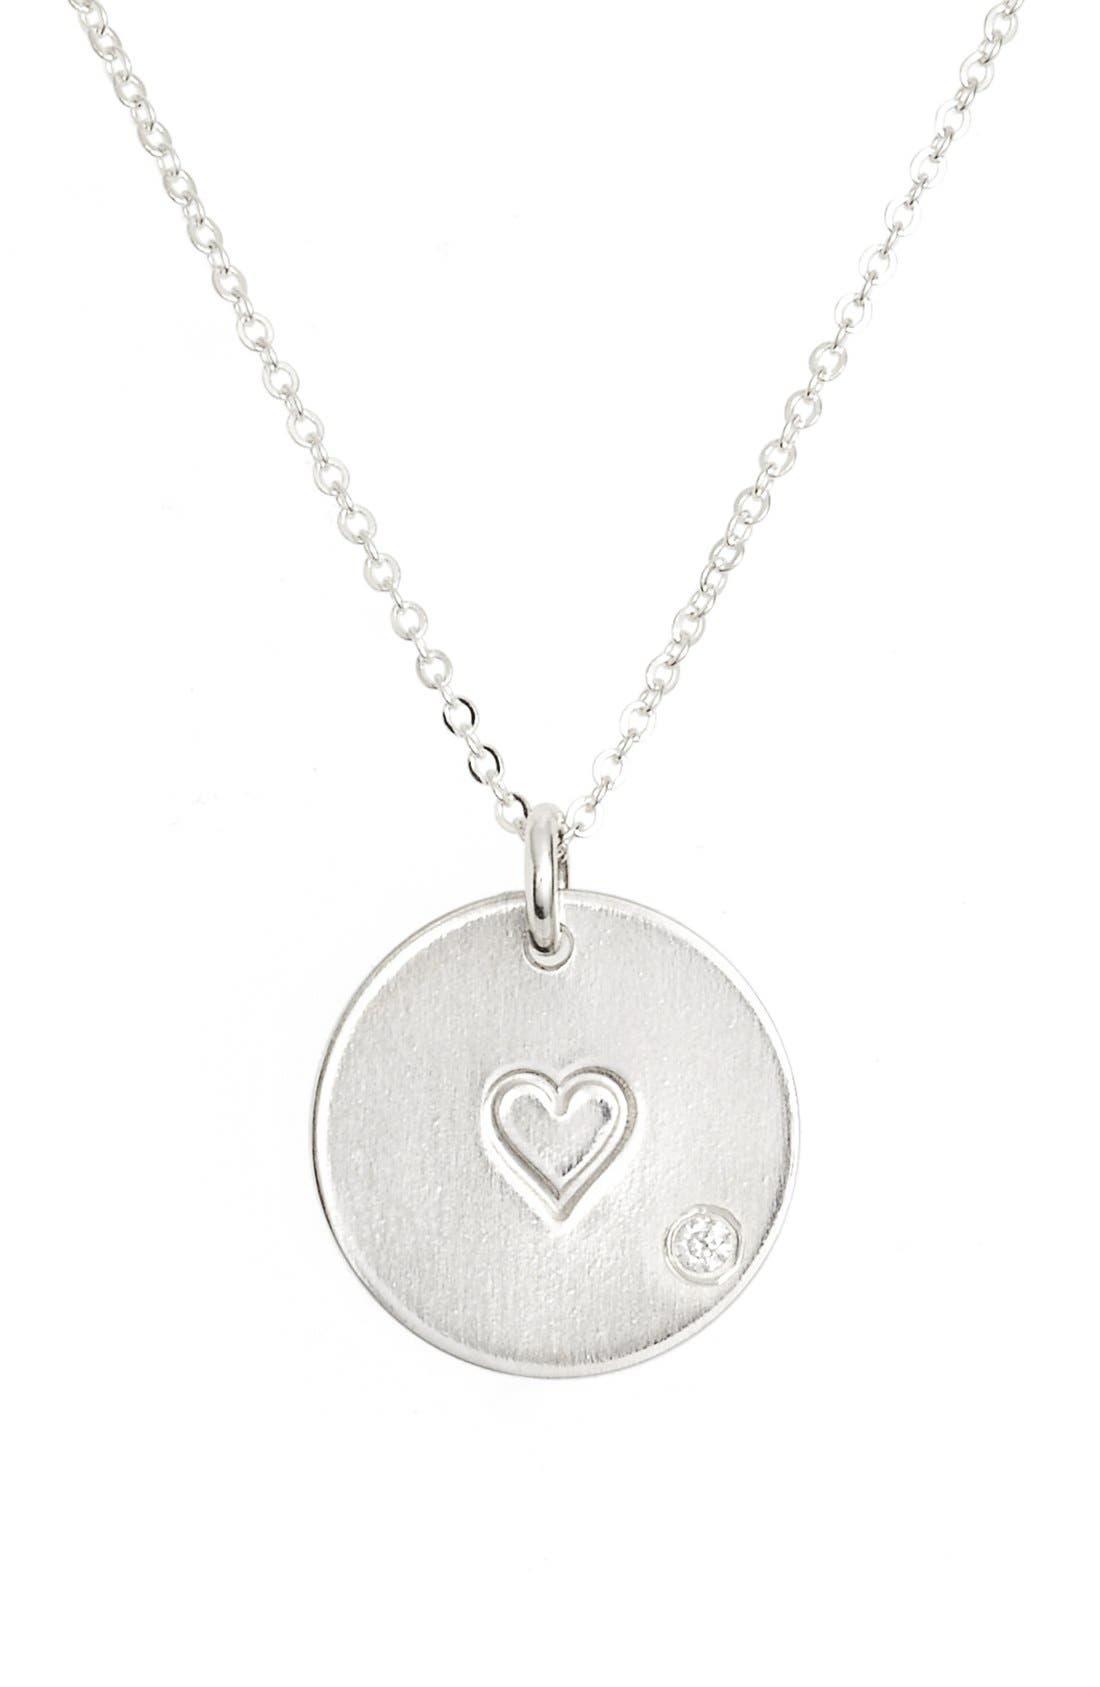 Main Image - Nashelle Diamond Pendant Necklace